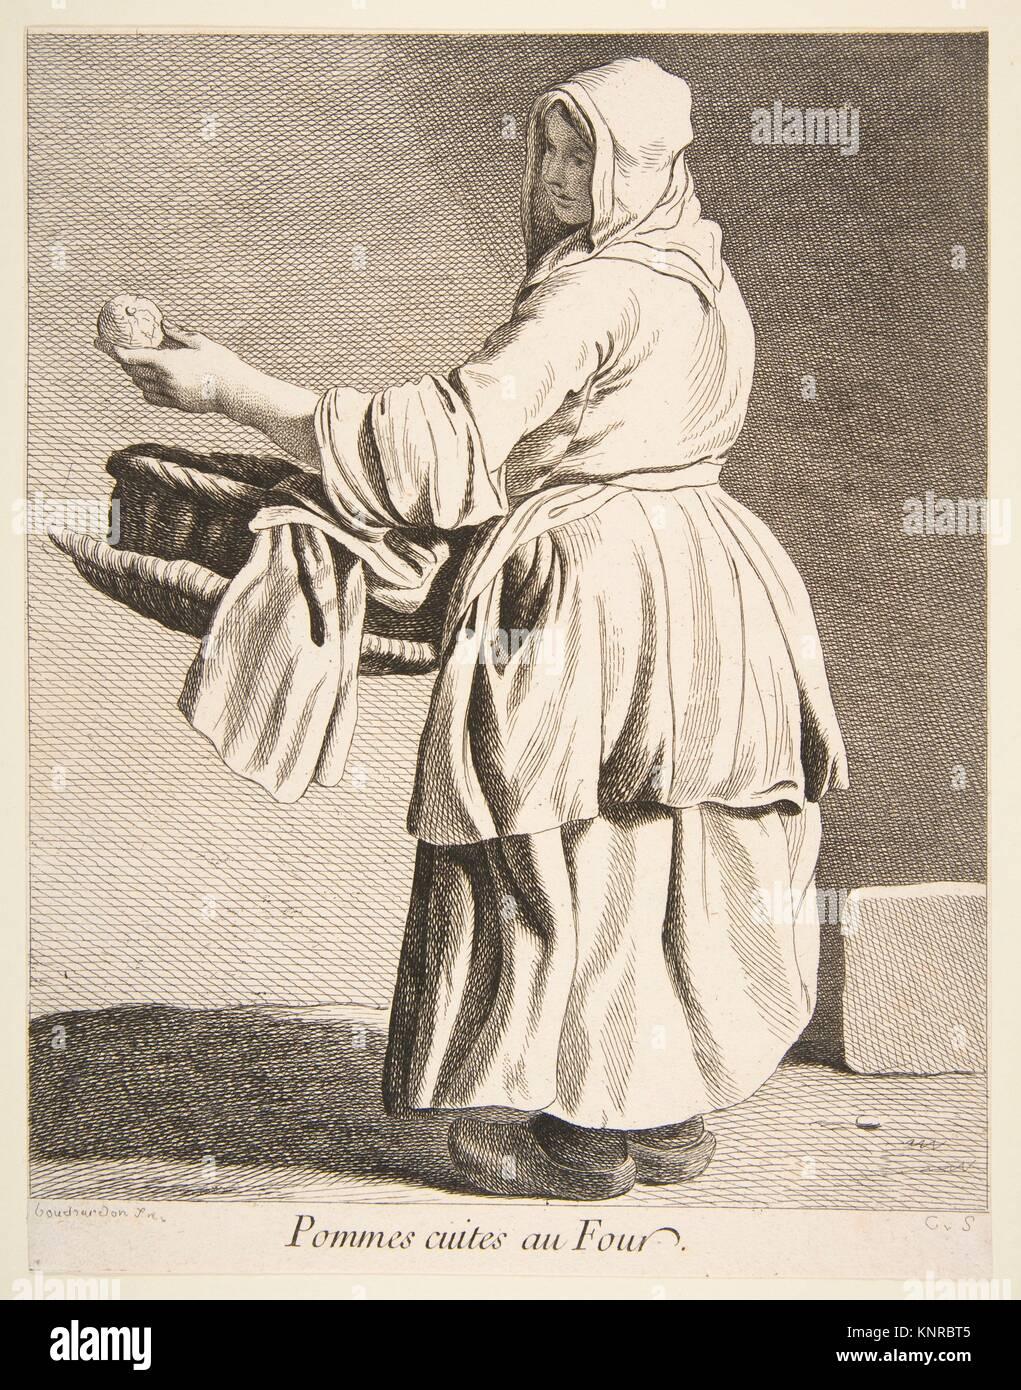 La pomme cuite vendeur. Series/portefeuille: Cris dans Paris: Troisième série; Artiste: Photo Stock